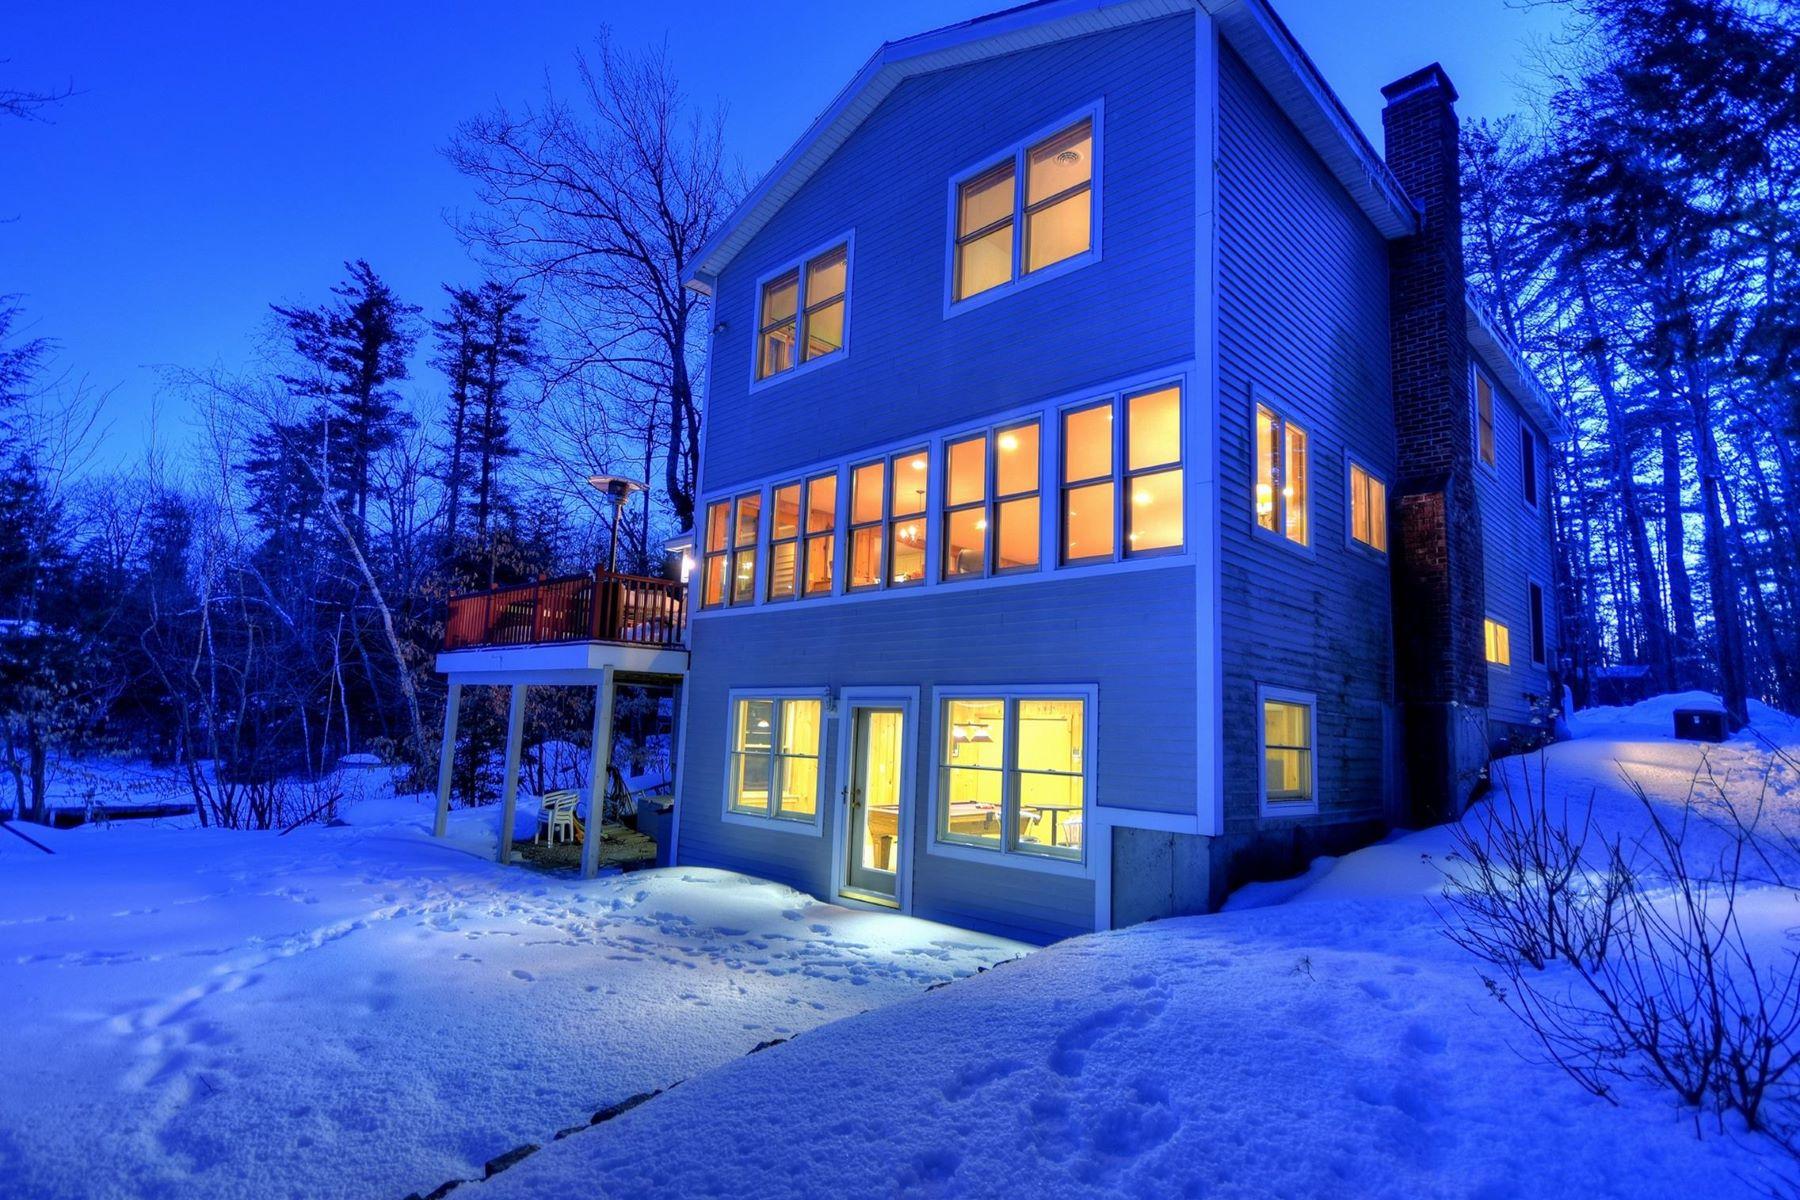 独户住宅 为 销售 在 Charming Winnipesaukee Waterfront 107 Cottage Rd Moultonborough, 新罕布什尔州 03254 美国